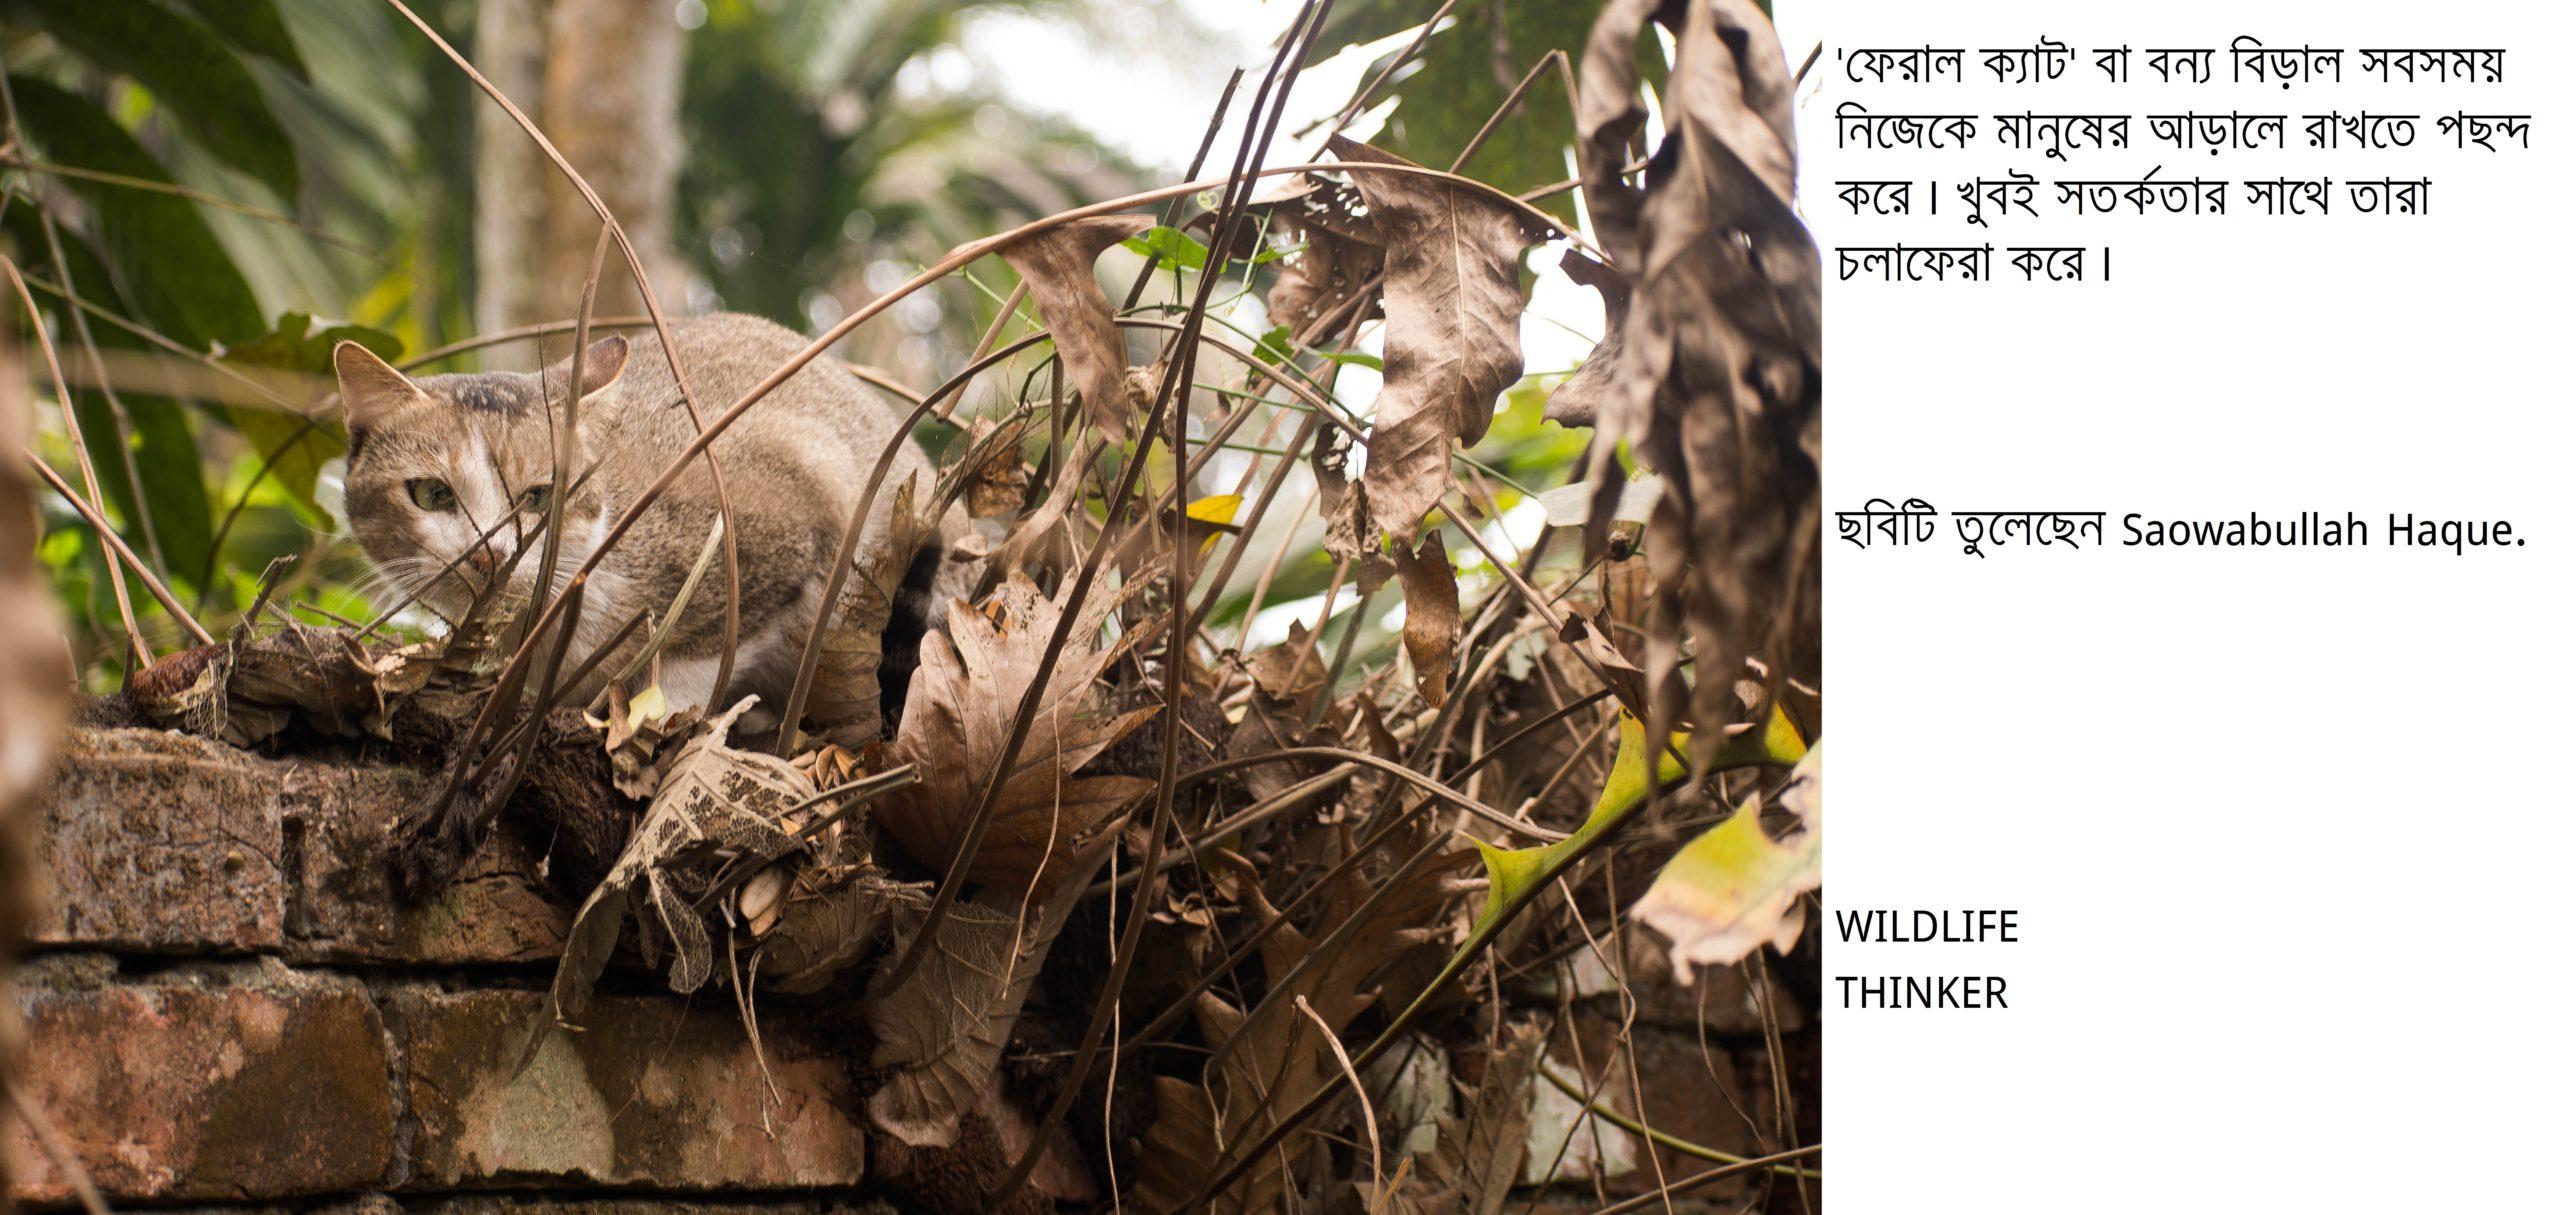 ফেরাল ক্যাট বা বন্য বিড়ালের বৃত্তান্ত